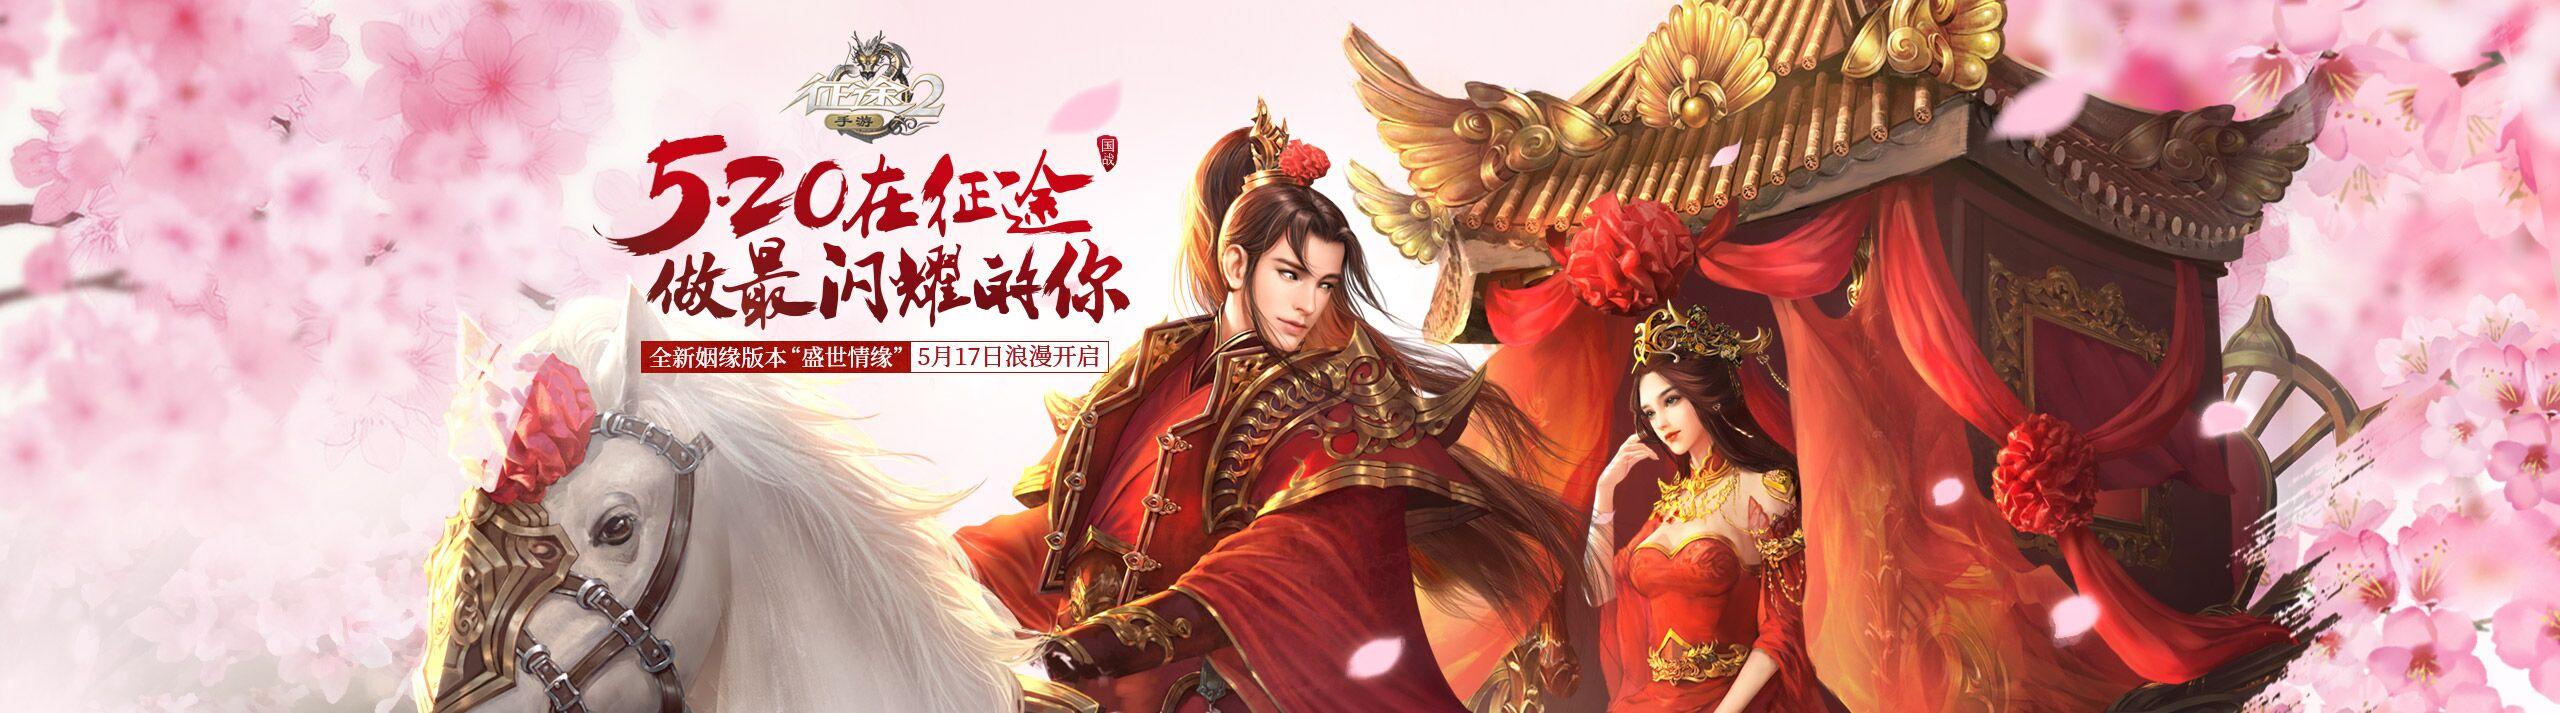 """《征途2手游》全新姻缘版本""""盛世情缘""""5月17日浪漫开启"""